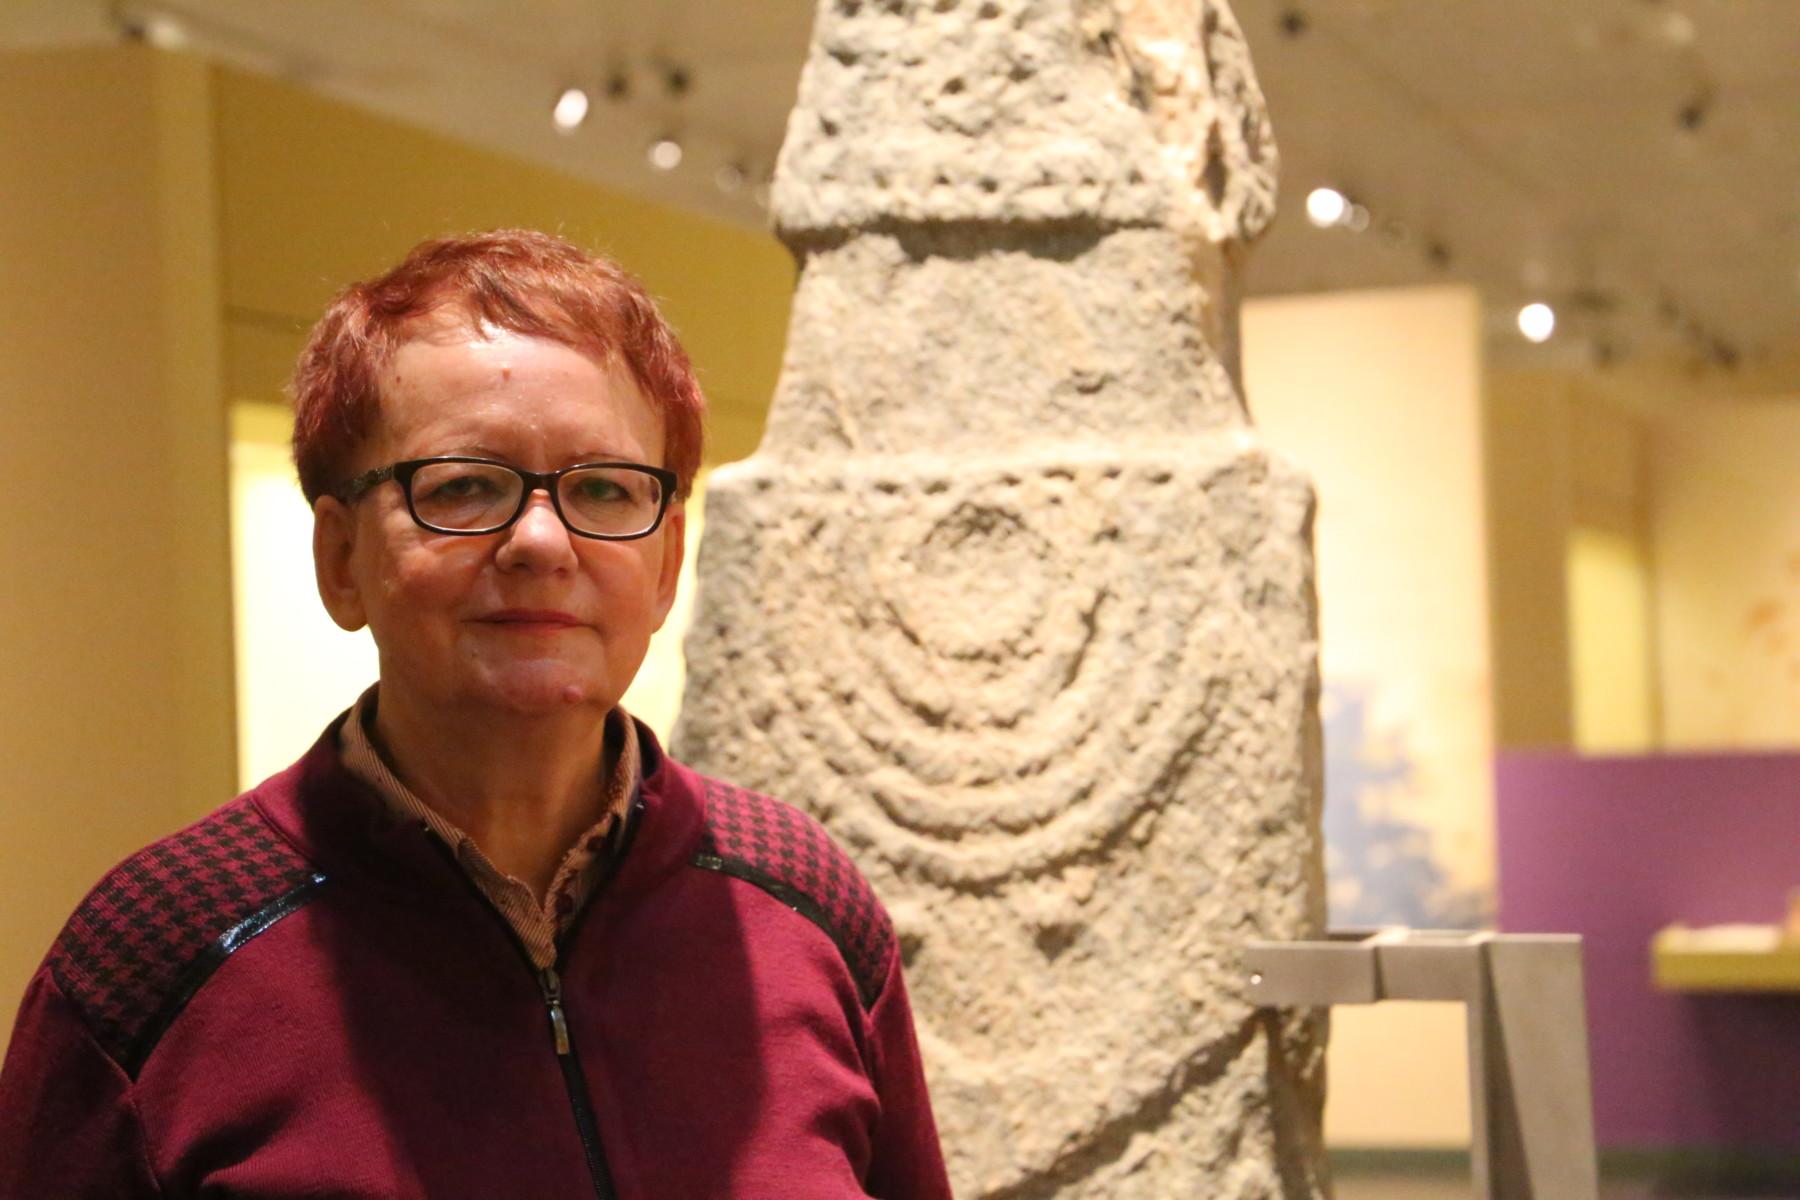 Η κα Σταυρούλα Σδρόλια, Προϊσταμένη Εφορίας Αρχαιοτήτων Λάρισας. Φωτ. larissanet/Λεωνίδας Τζέκας